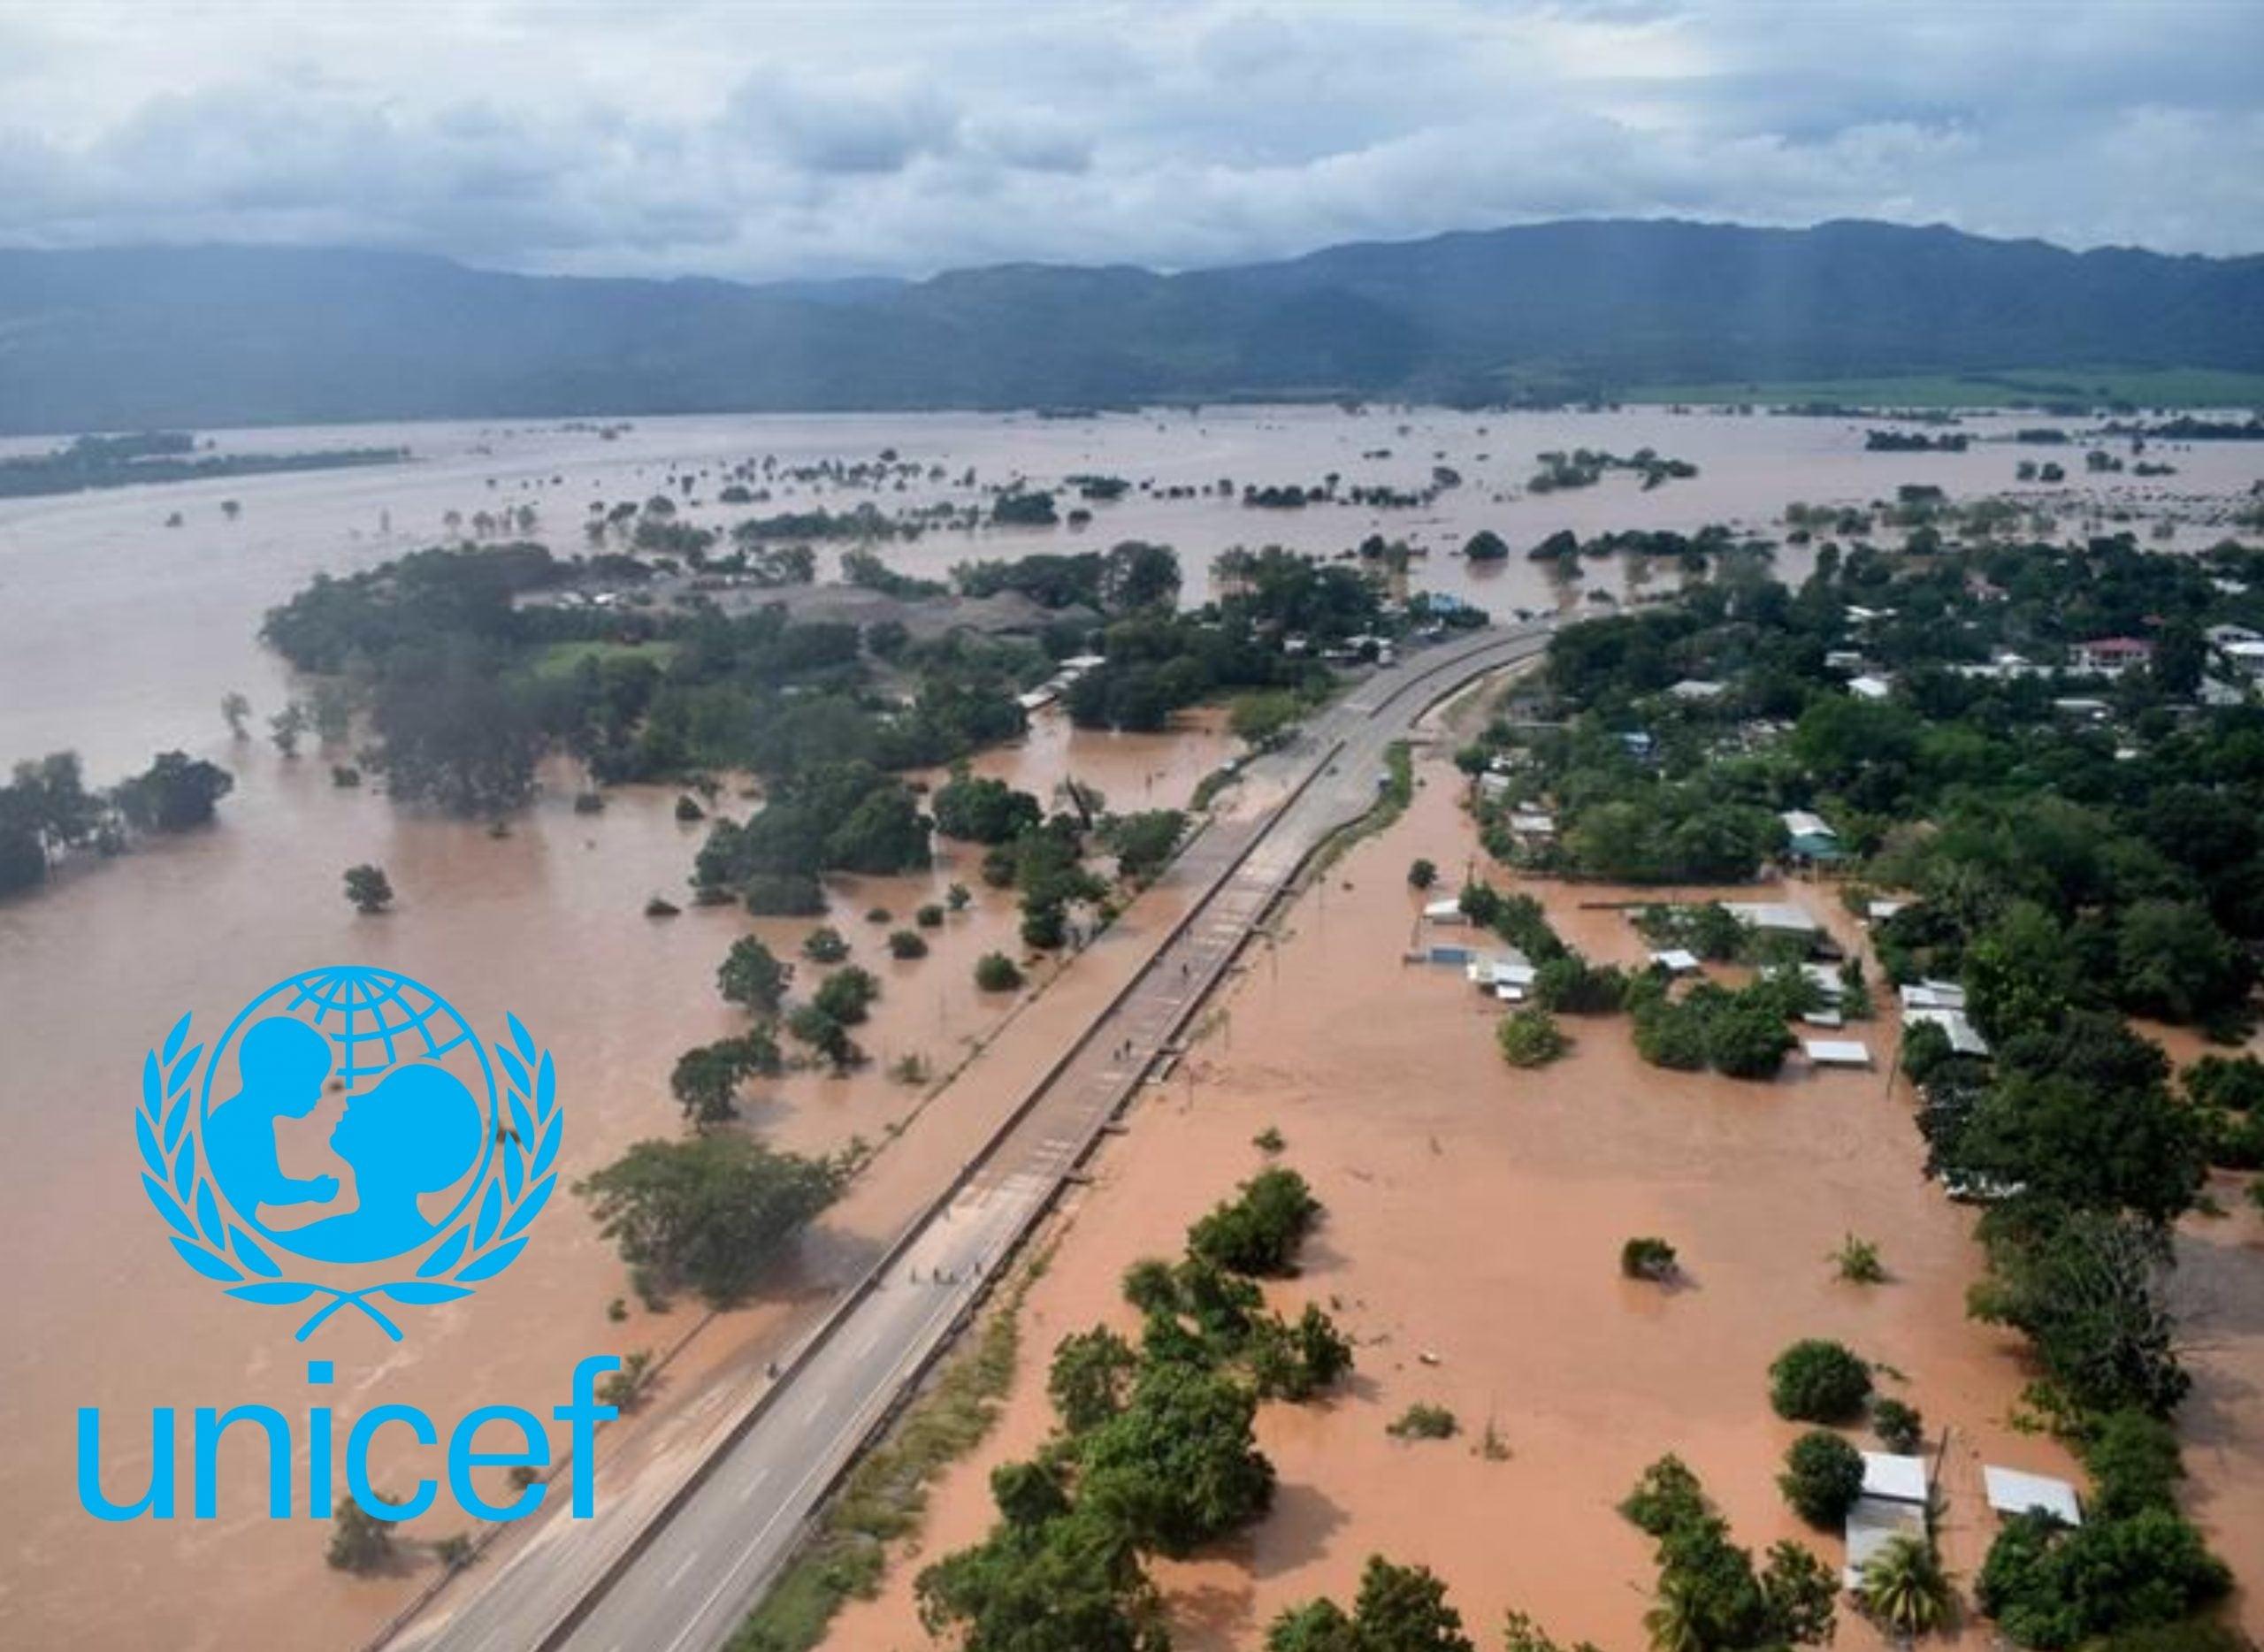 UNICEF apoyo afectados Eta Iota